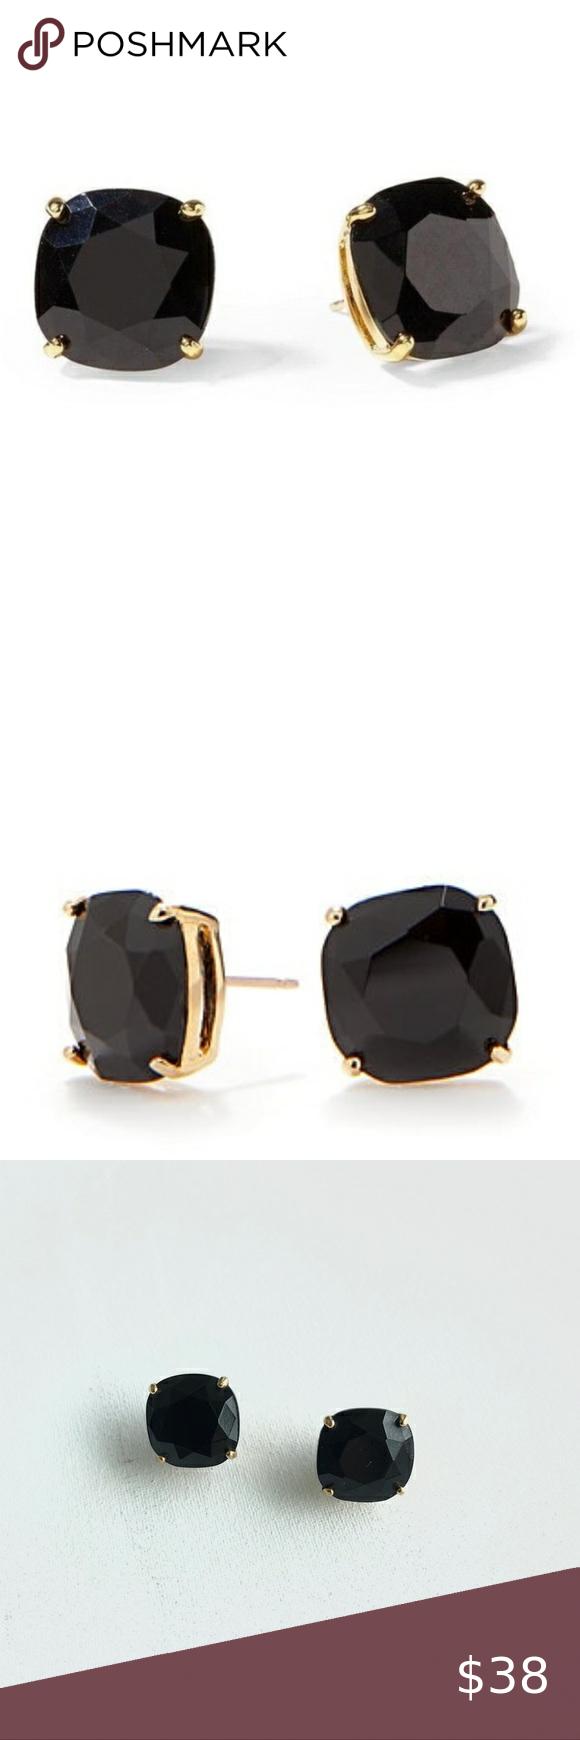 Nwot Kate Spade Small Square Enamel Earrings Black Enamel Earrings Enamel Stud Earrings Kate Spade Jewelry Earrings